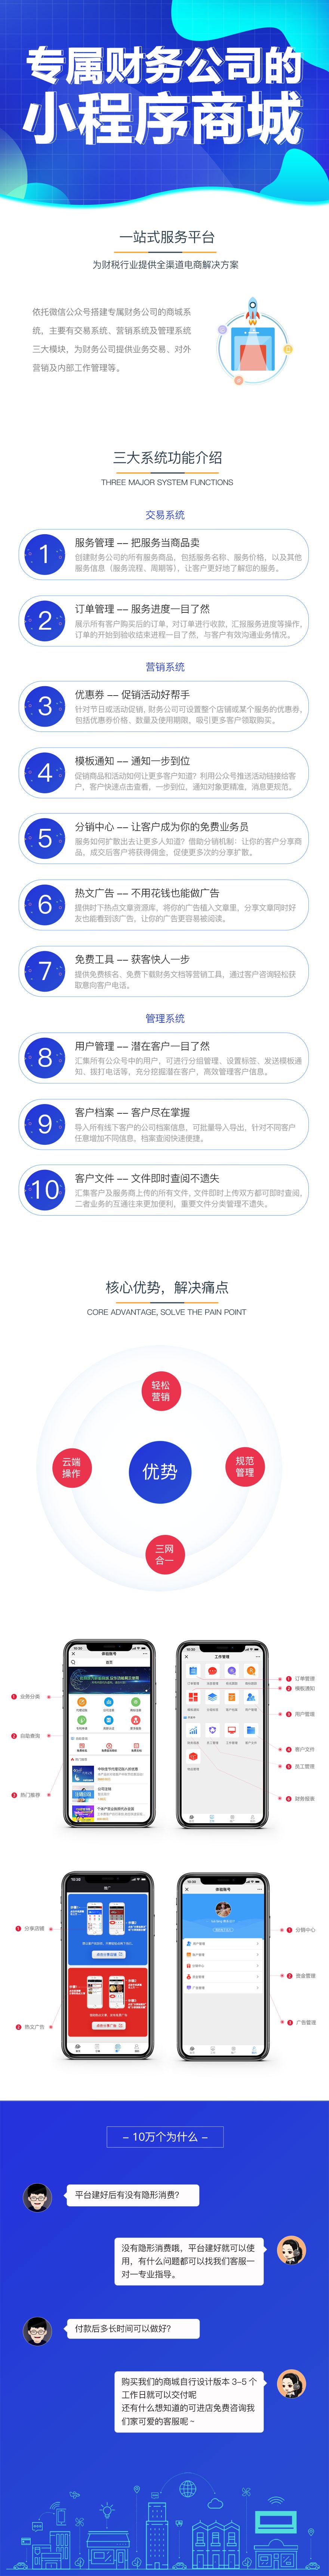 【财穗加】财务公司小程序商城公众号商城_软件开发>>微信行业>>公众号